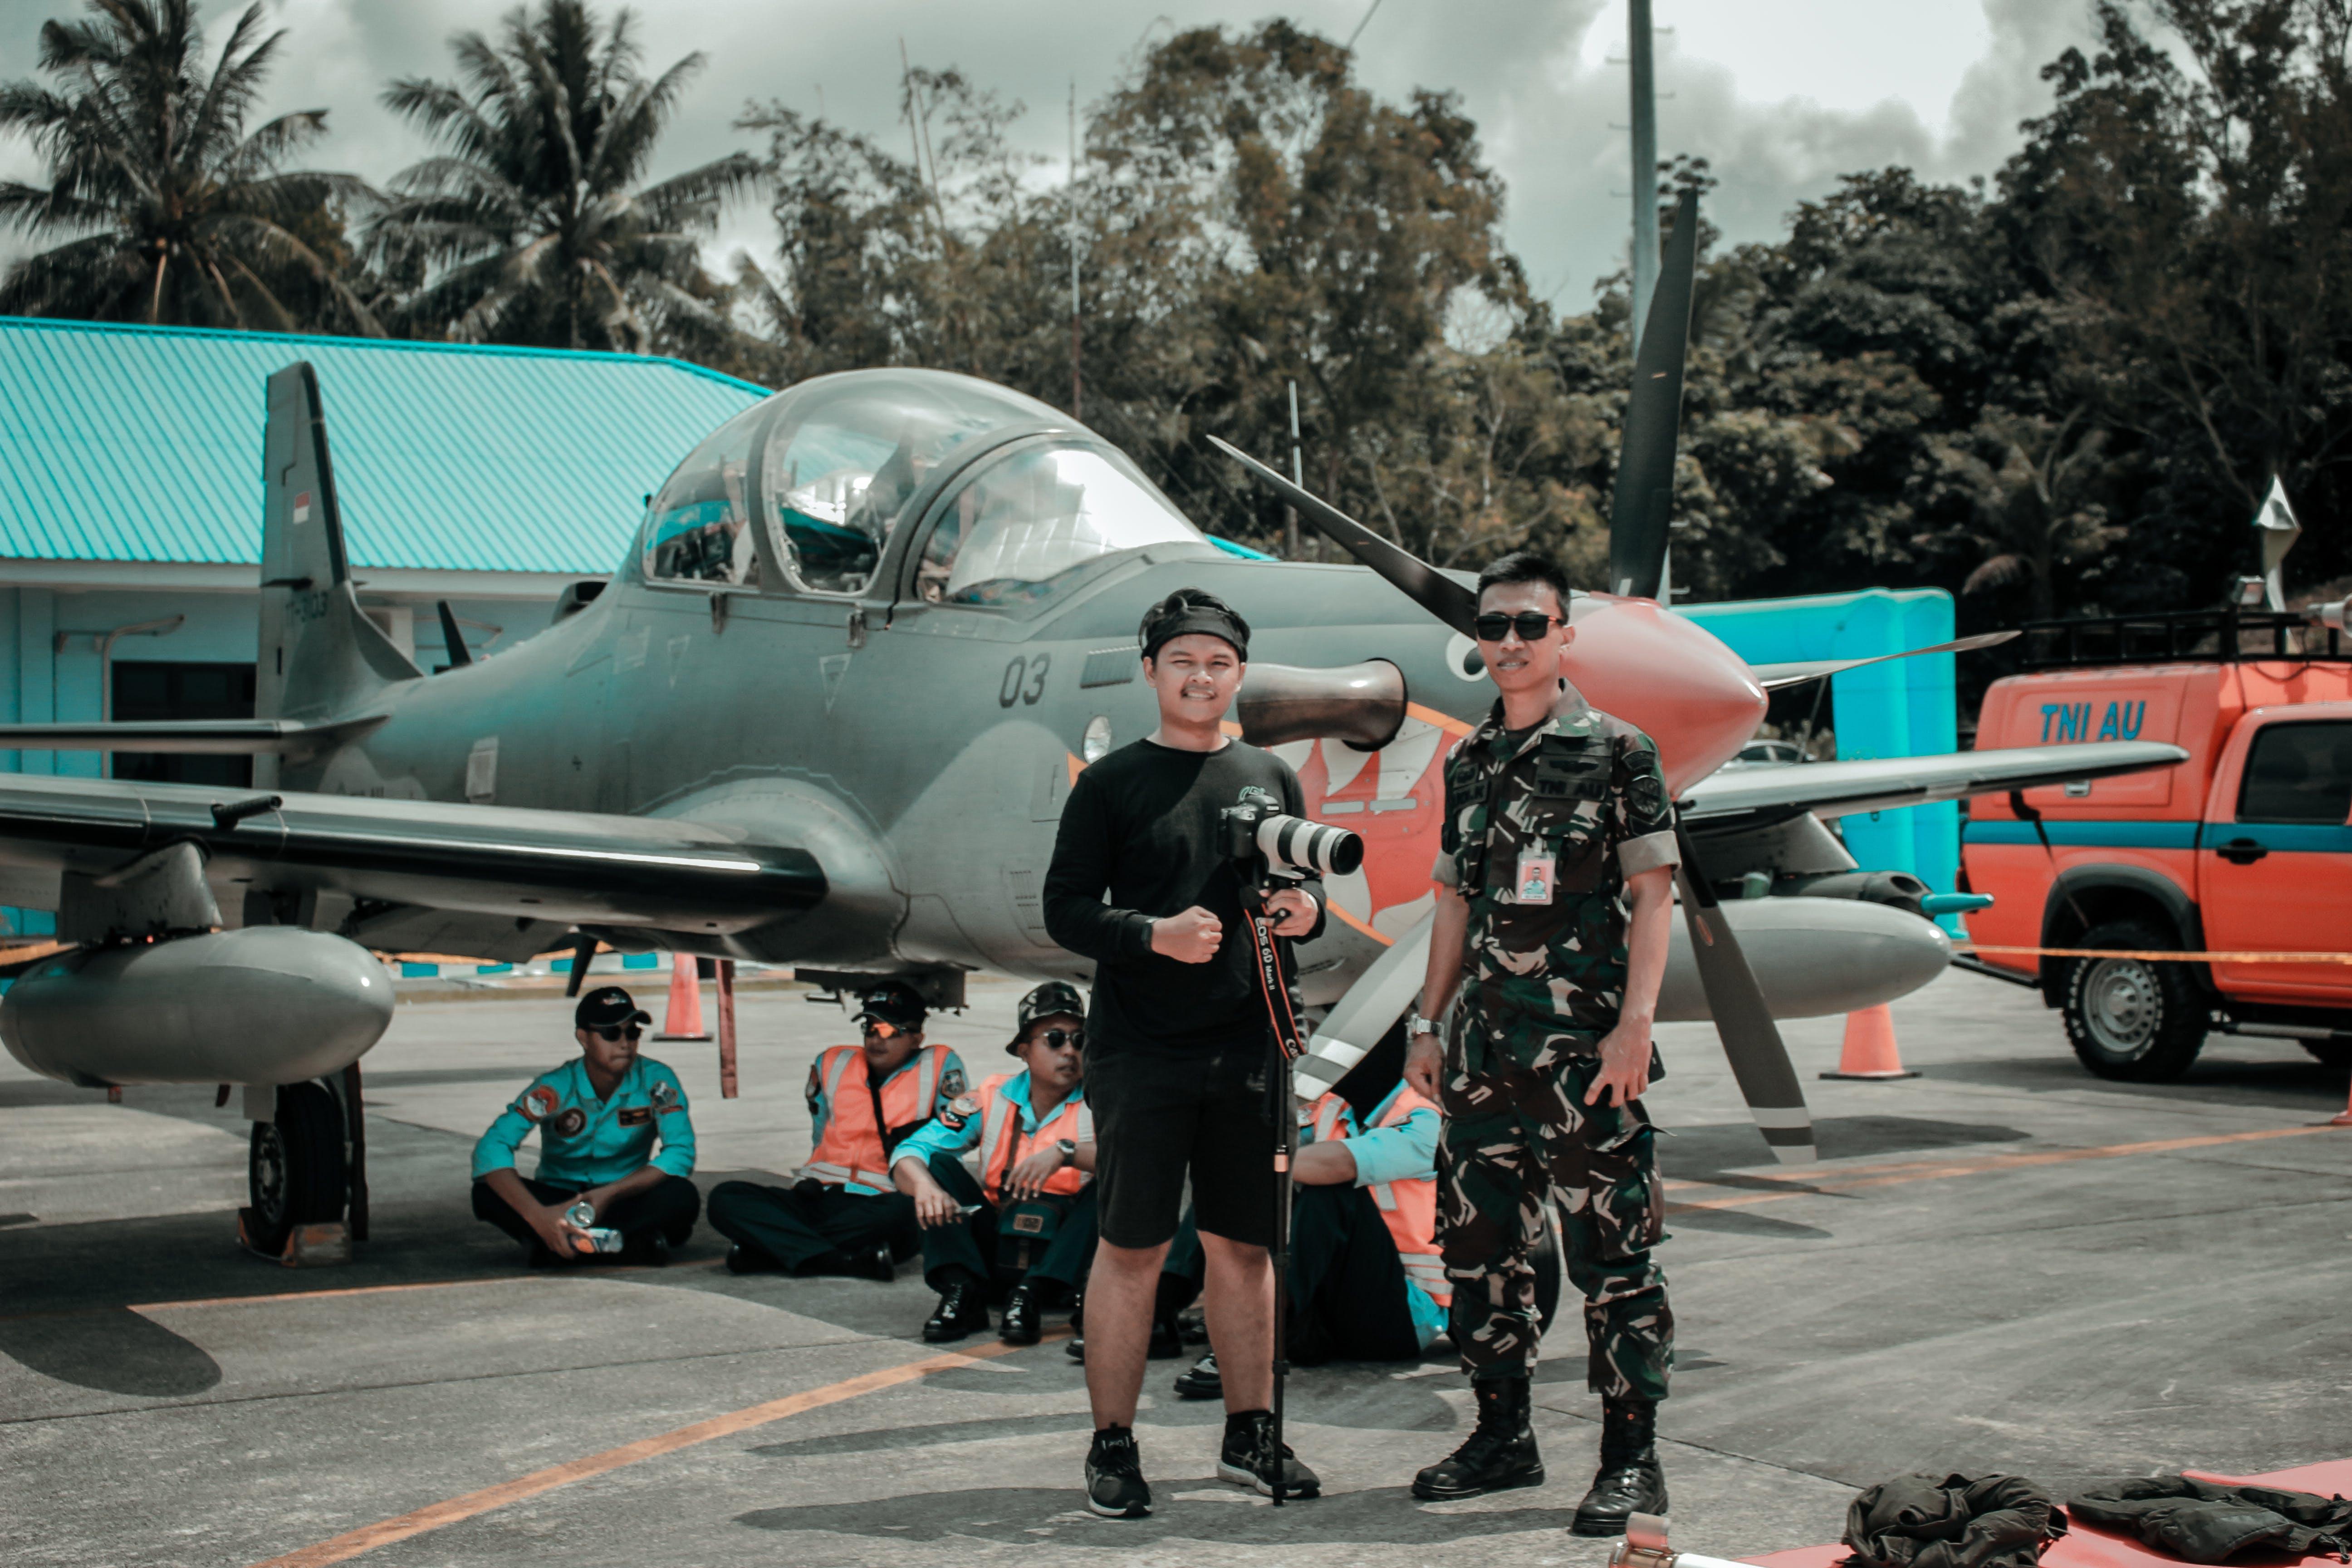 Men Near Plane